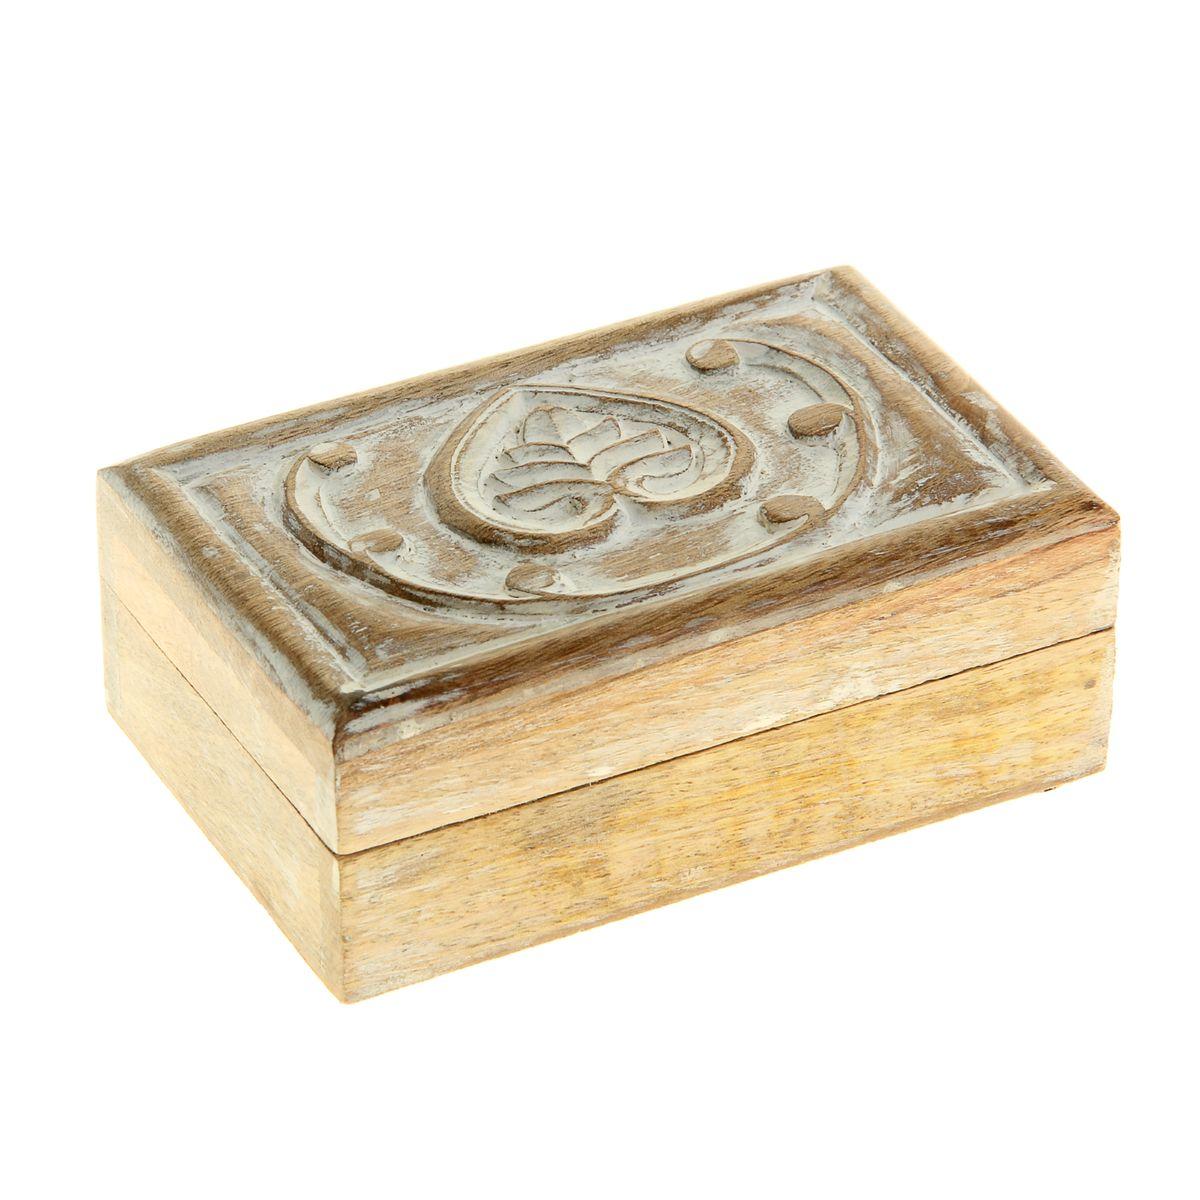 Шкатулка Sima-land Лотос, 13,5 х 8,5 х 5 см839535Шкатулка Sima-land Лотос изготовлена из дерева - натурального материала, словно пропитанного теплом яркого солнца. Резная крышка в винтажном стиле украшена объемным изображениями в виде сердца и узоров. Внутри одно отделение. Такая шкатулка - не простой сувенир. Ее функция не только декоративная, но и практическая - служить удобным и надежным местом для хранения самых разных мелочей. Разумеется, особо неравнодушны к этим элегантным предметам интерьера женщины. Мастерицы кладут в шкатулки швейные и рукодельные принадлежности. Модницы и светские львицы - любимые украшения и аксессуары. И, конечно, многие представительницы прекрасного пола хранят в шкатулках, убранных в укромный уголок, какие-то памятные знаки: фотографии, старые письма, сувениры, напоминающие о важных событиях и особо счастливых моментах.